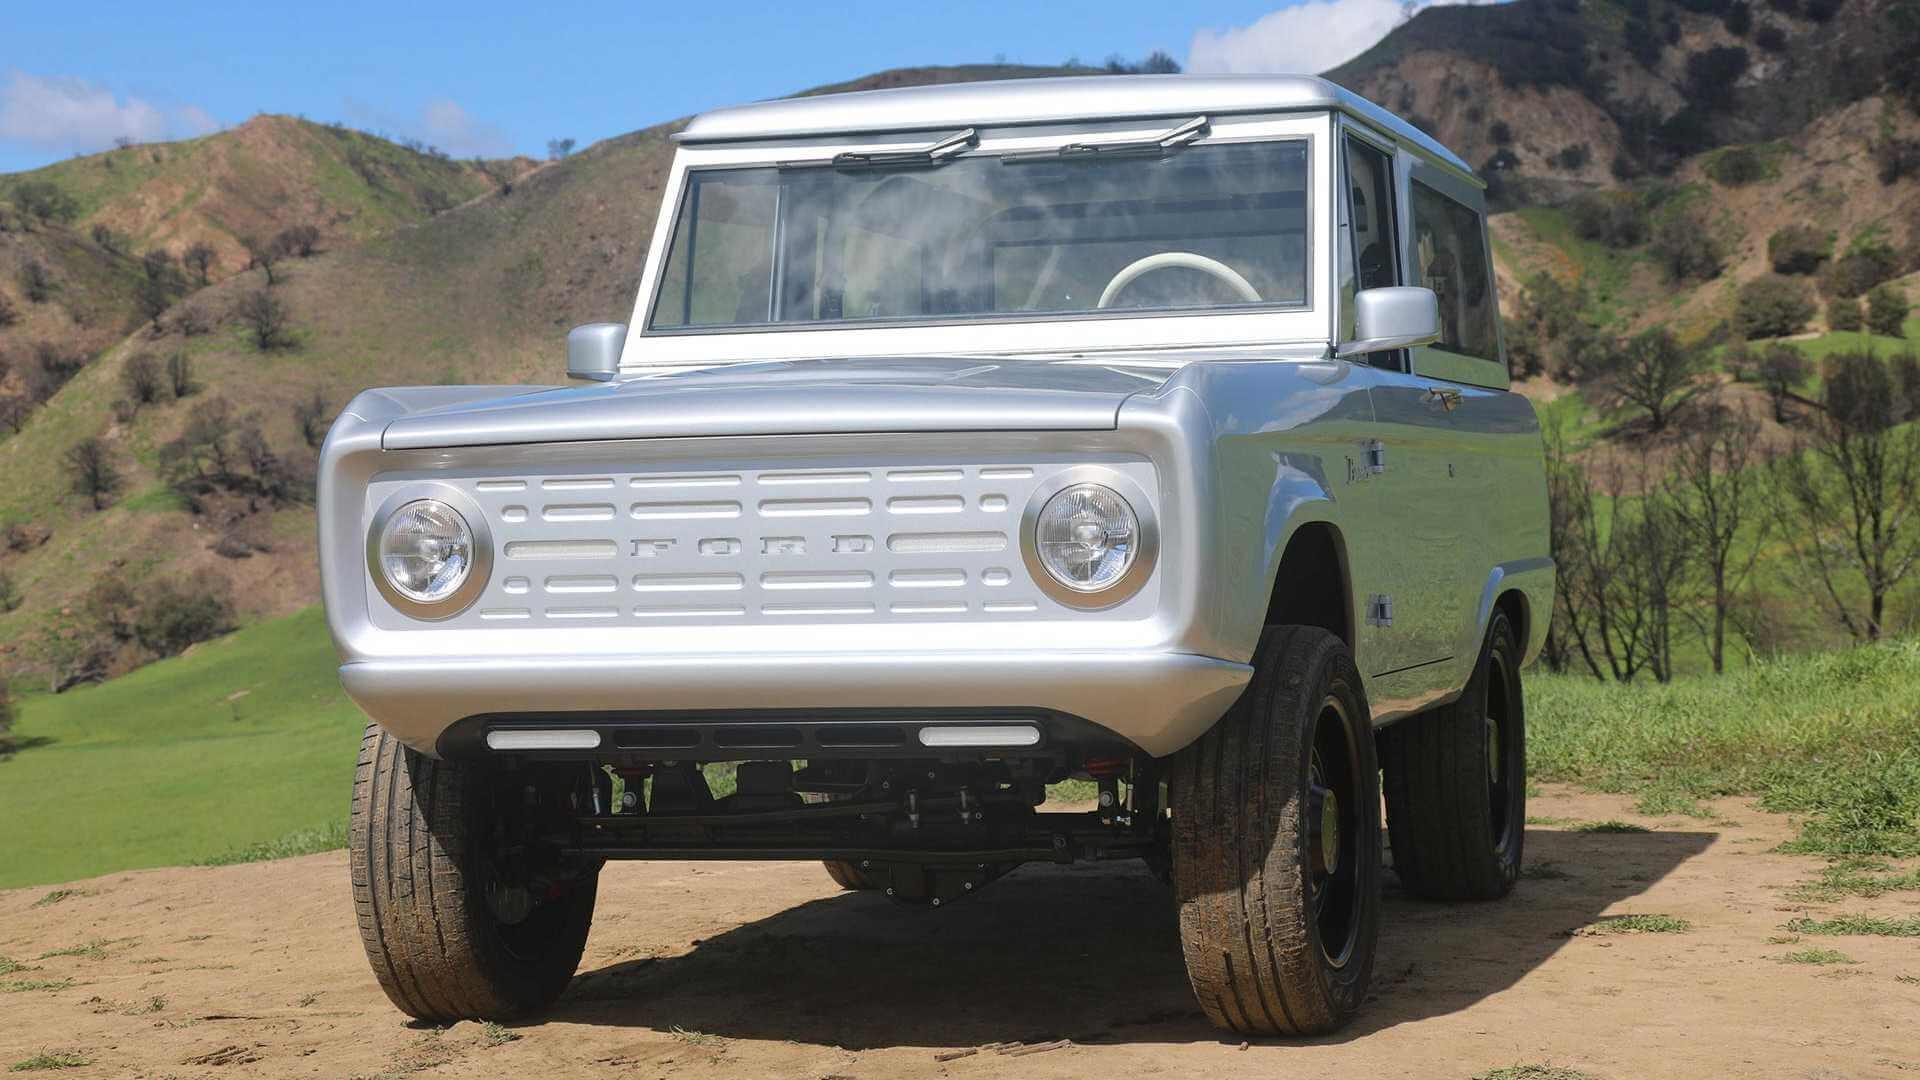 Компания Zero Labs превратила оригинальный внедорожник Ford Bronco вэлектрический автомобиль